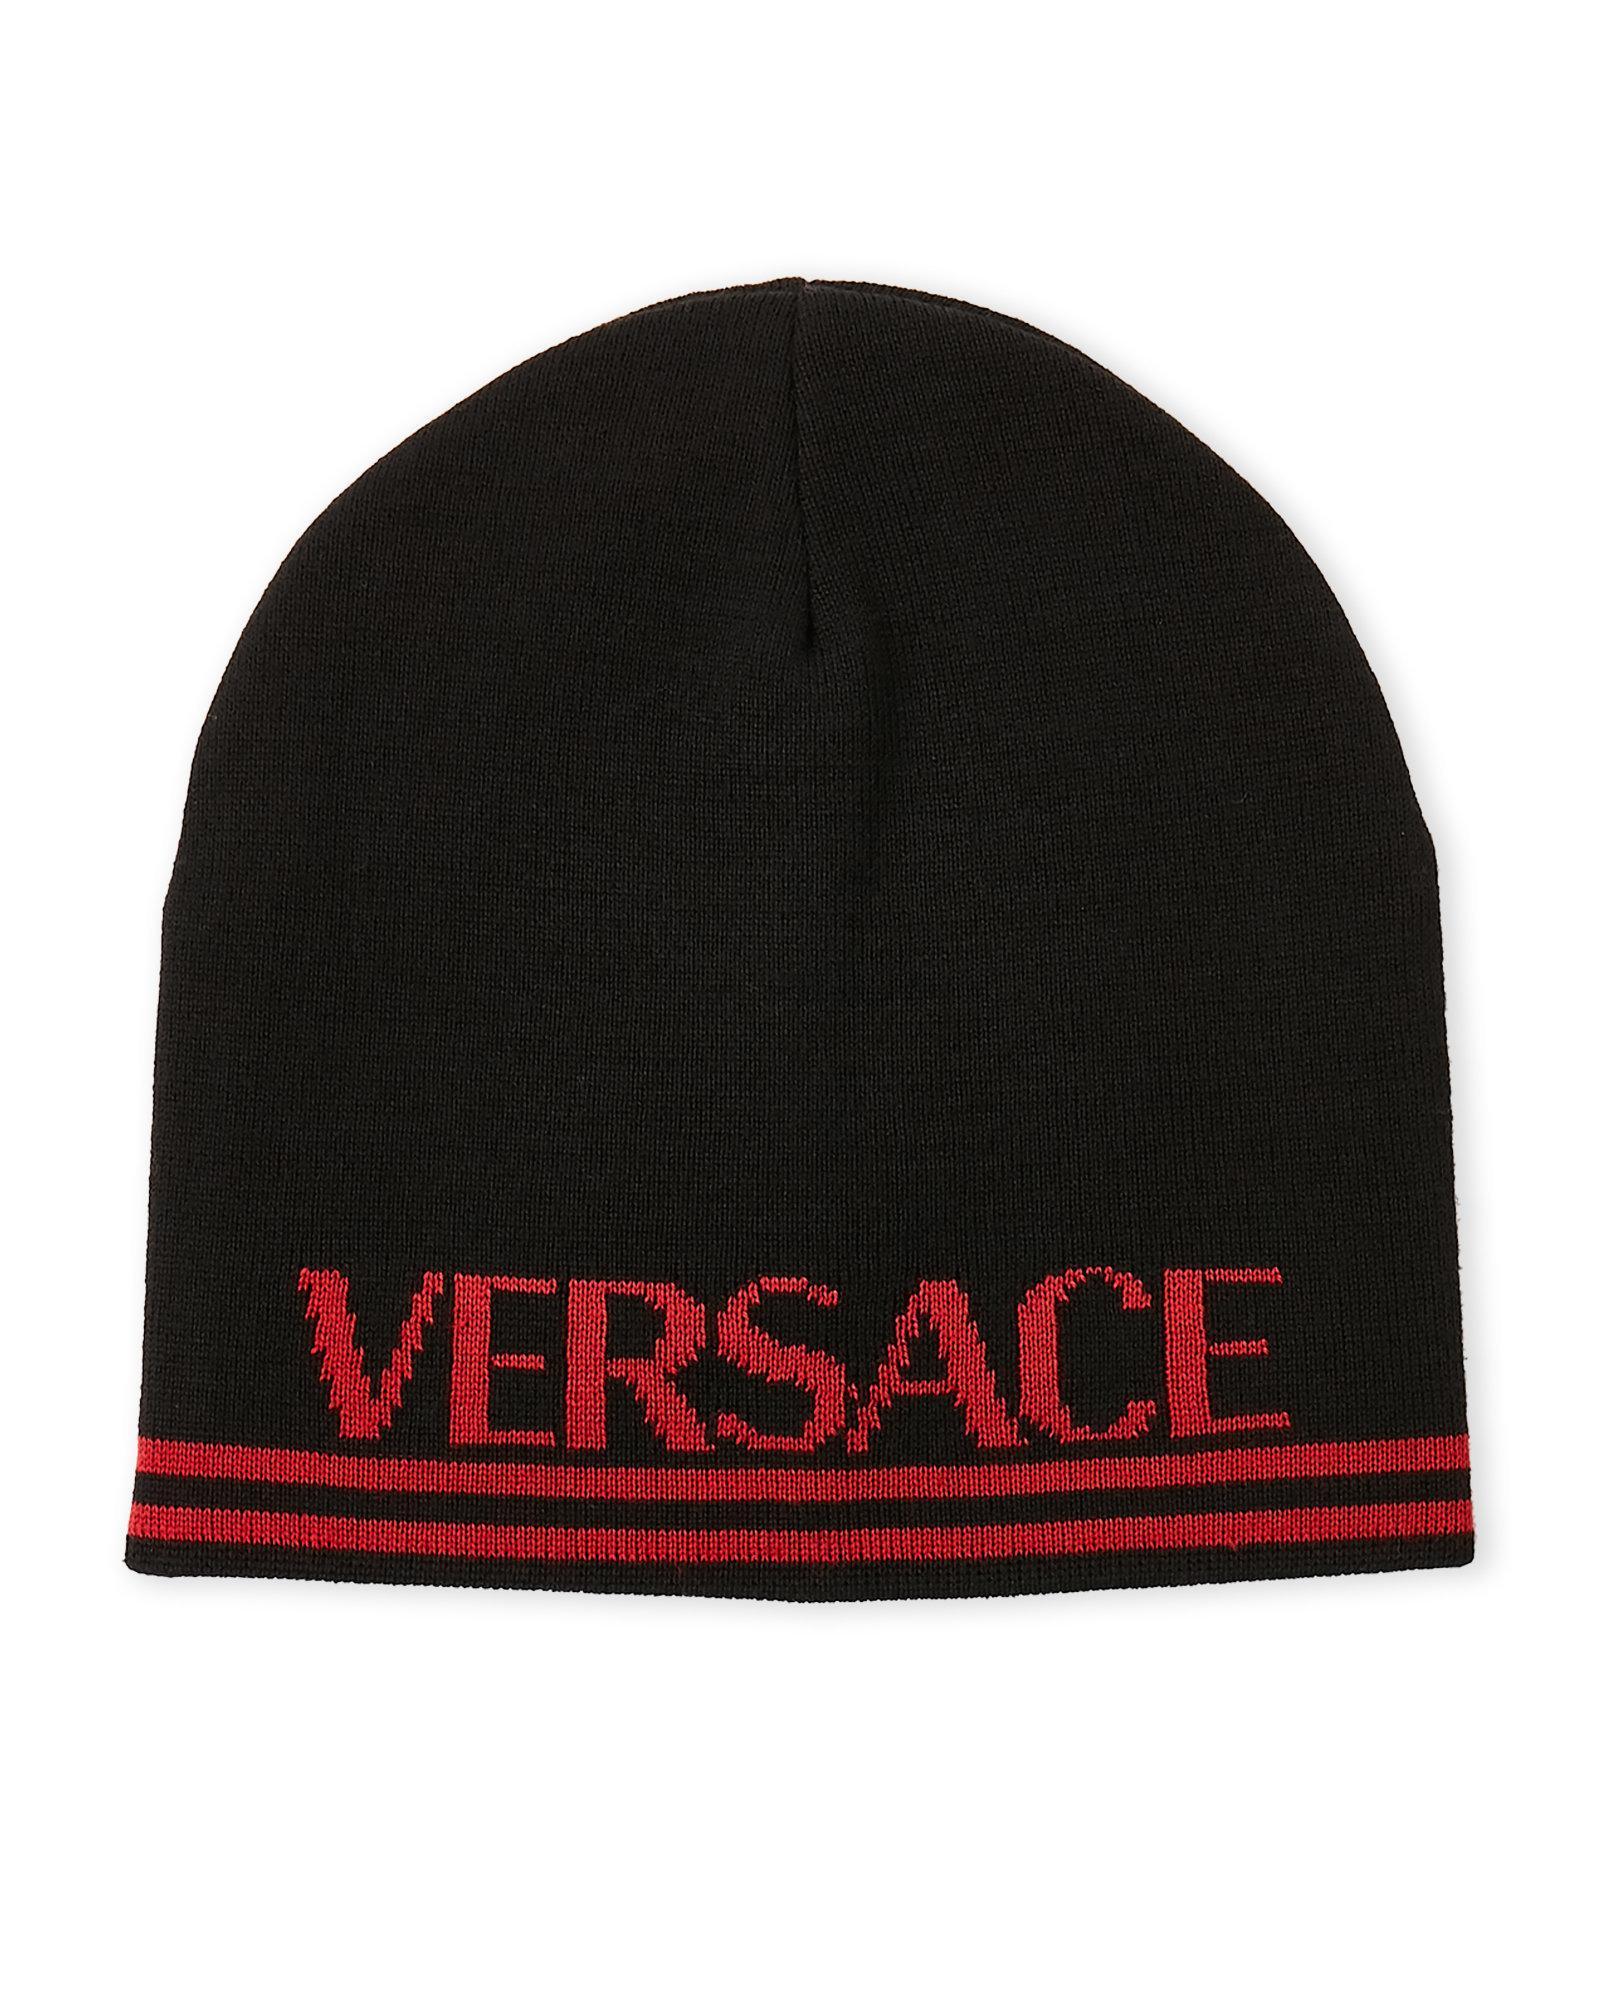 contrast logo beanie hat - Red CALVIN KLEIN 205W39NYC vFxfRRpkB